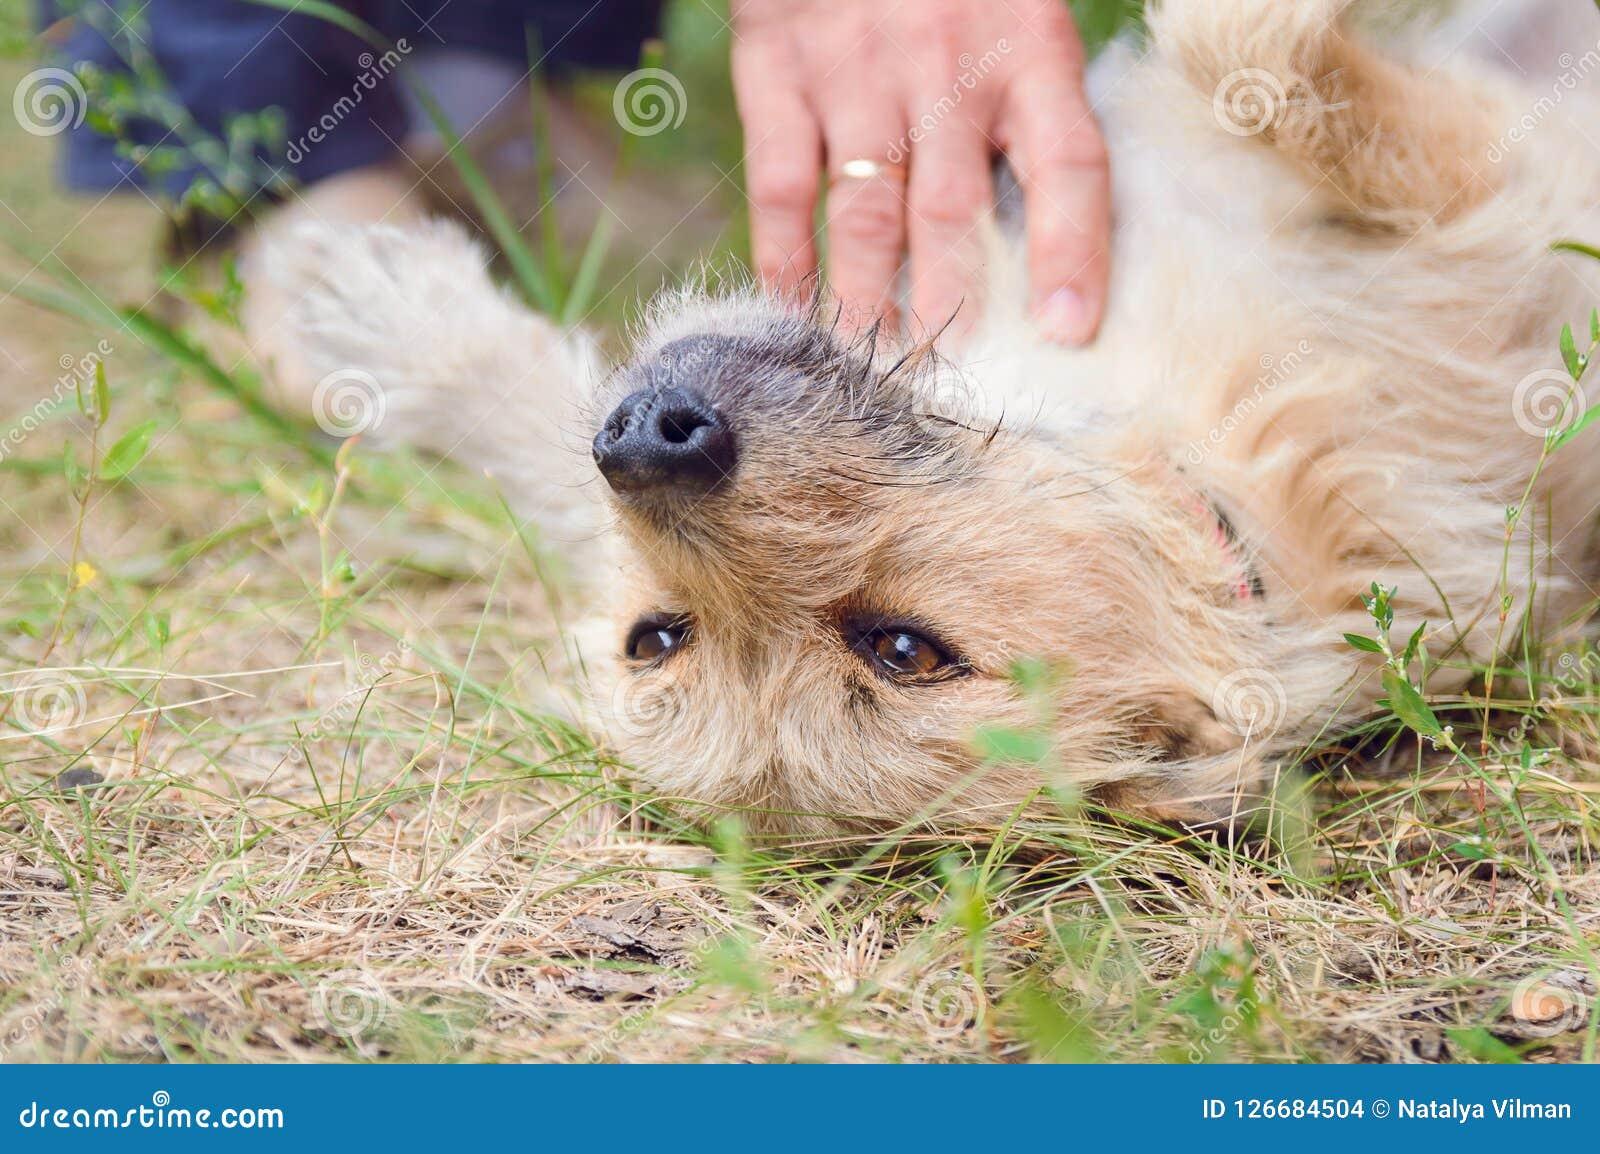 A man caresses his dog.